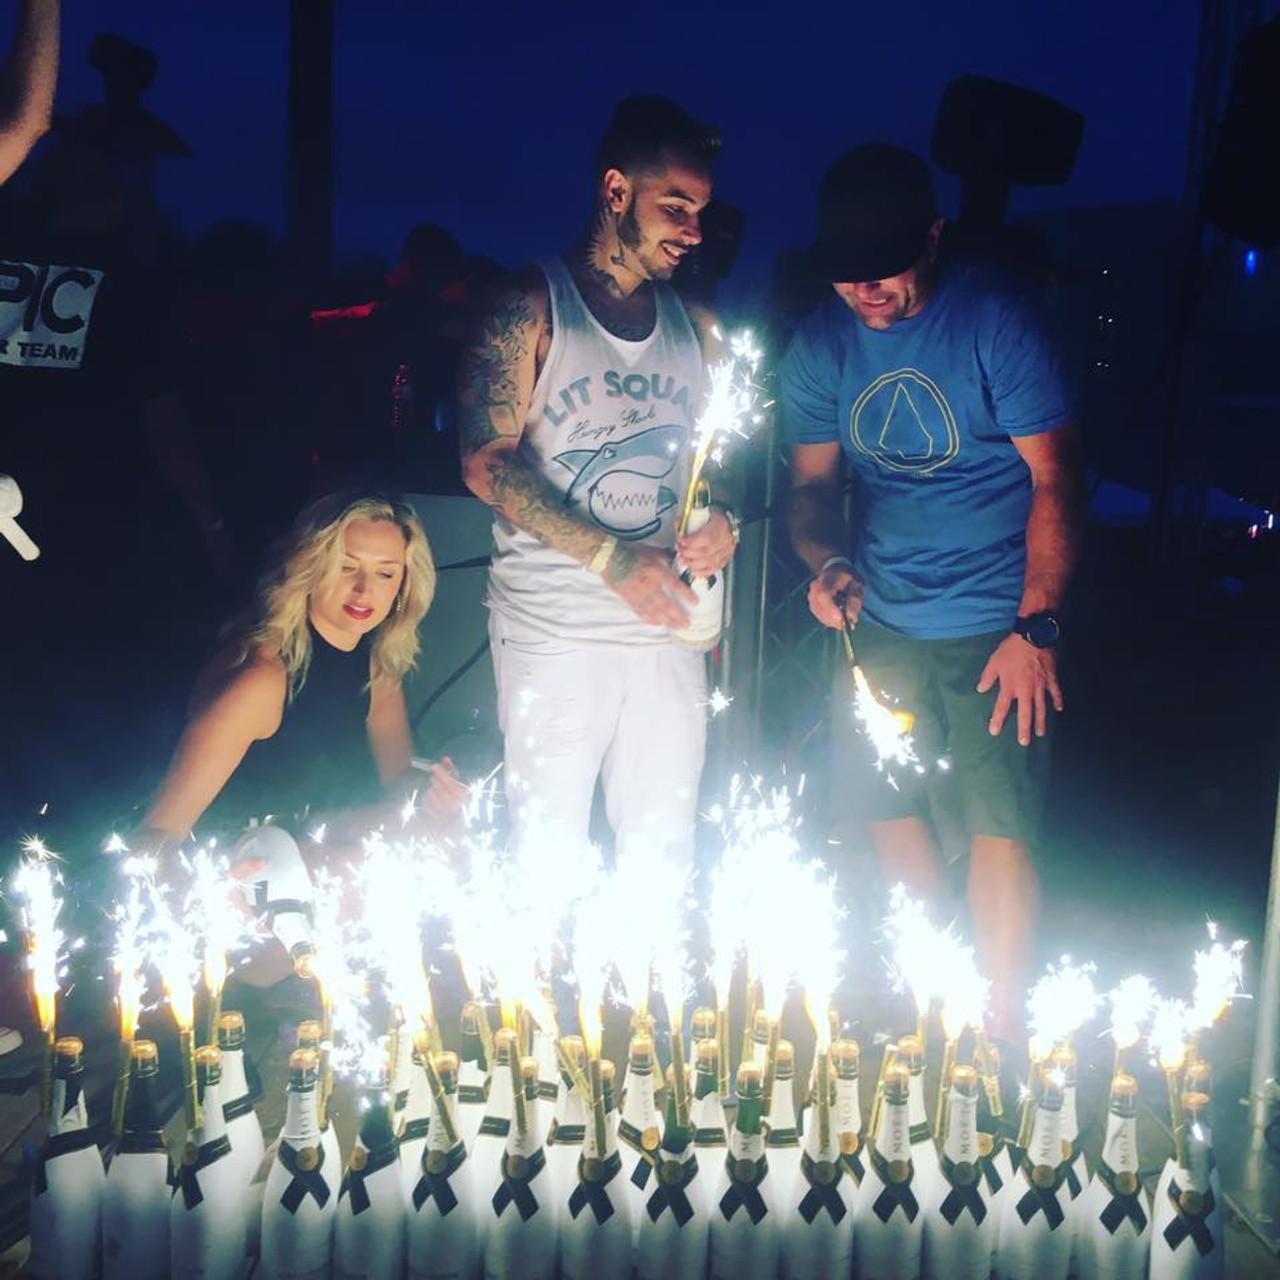 Champagne_Bottle_Sparkler_VIP-sparklers-BottleSparklers